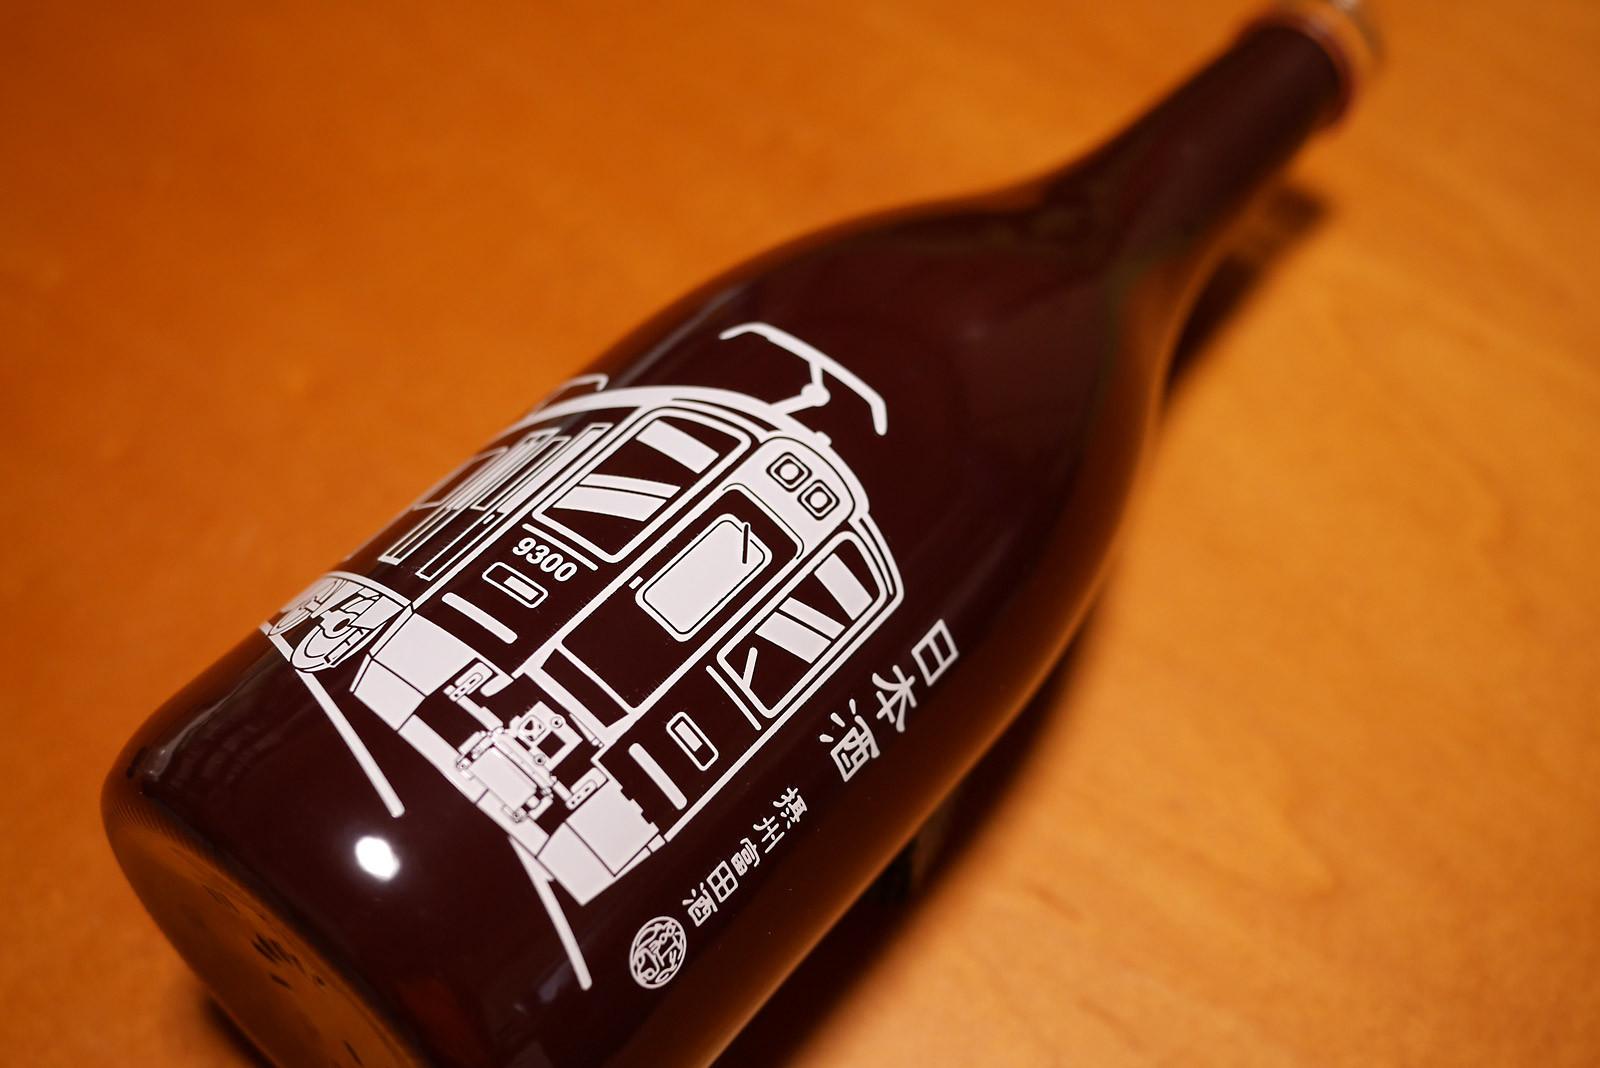 阪急電車ラベルの日本酒「清鶴」